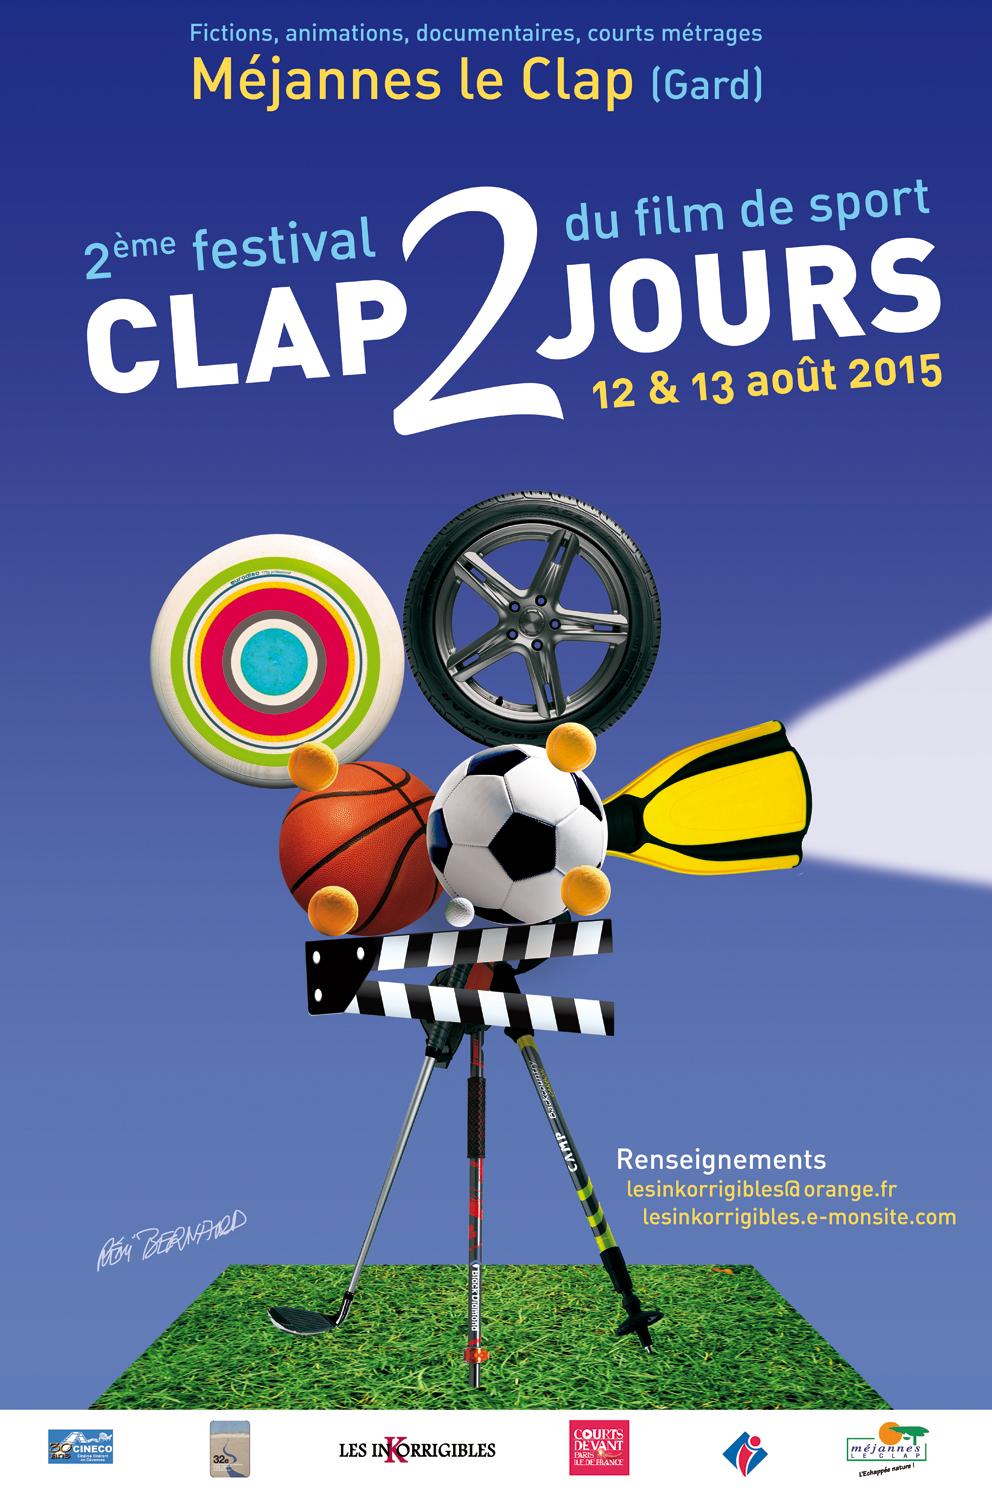 Clap2joursv2 1